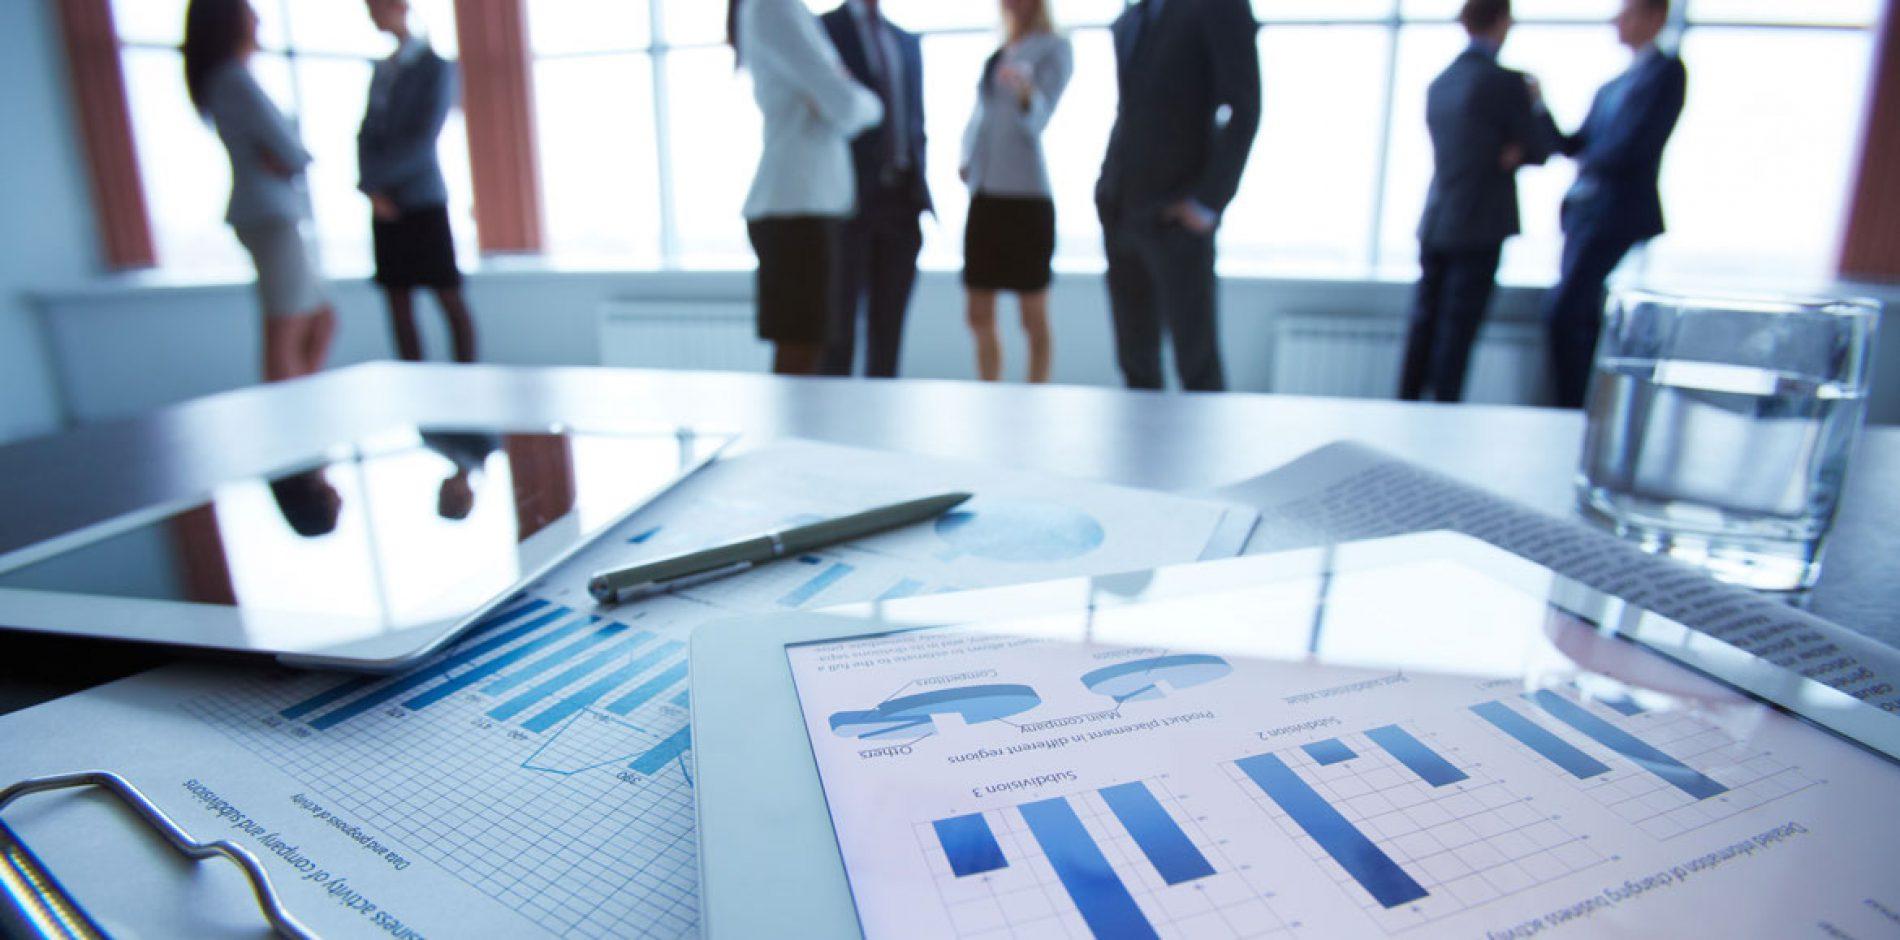 Lavoro, Unioncamere e Anpal: le imprese e la domanda di lavoro